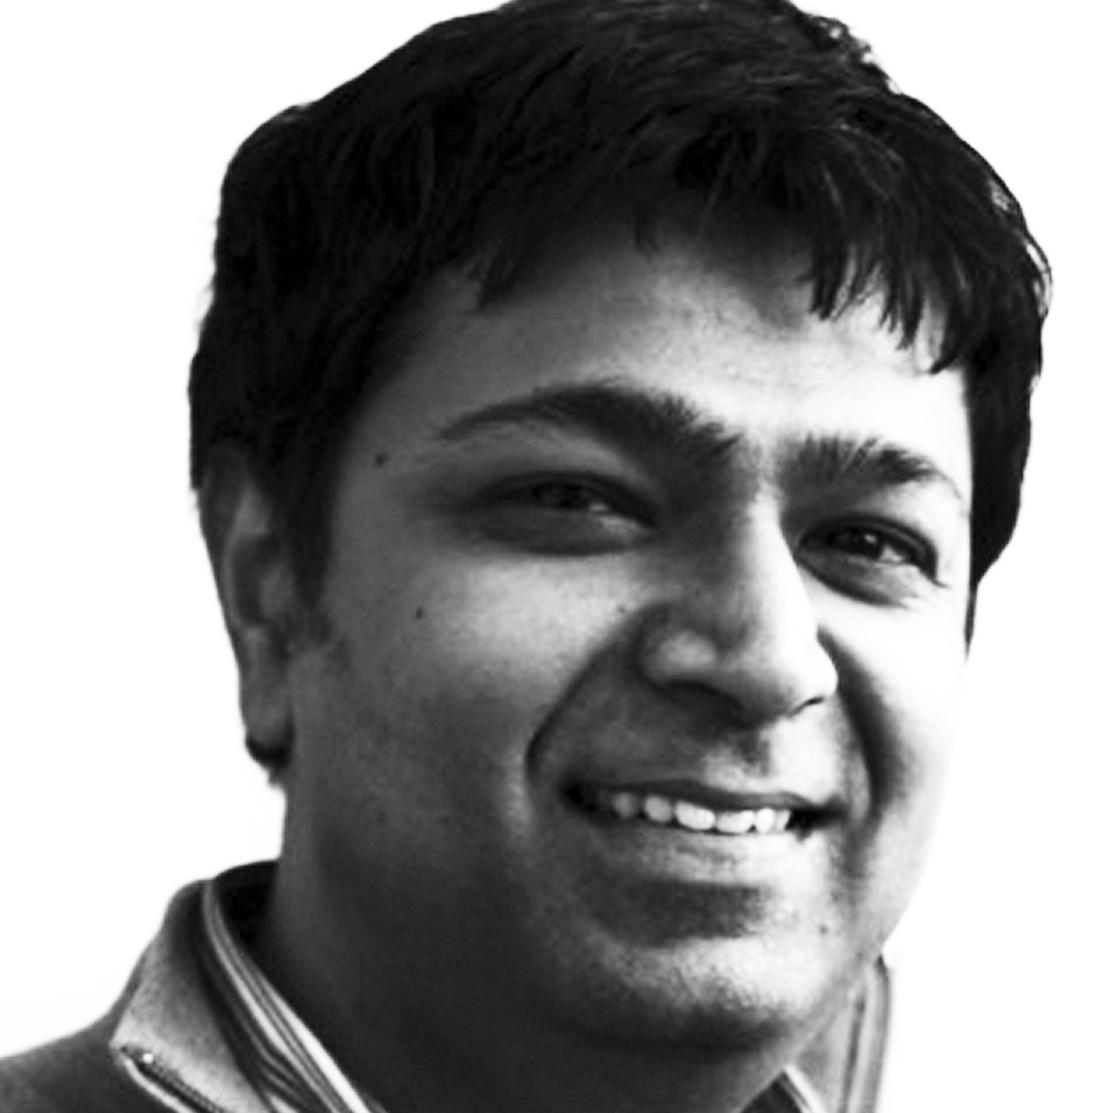 Sriram Subramanian